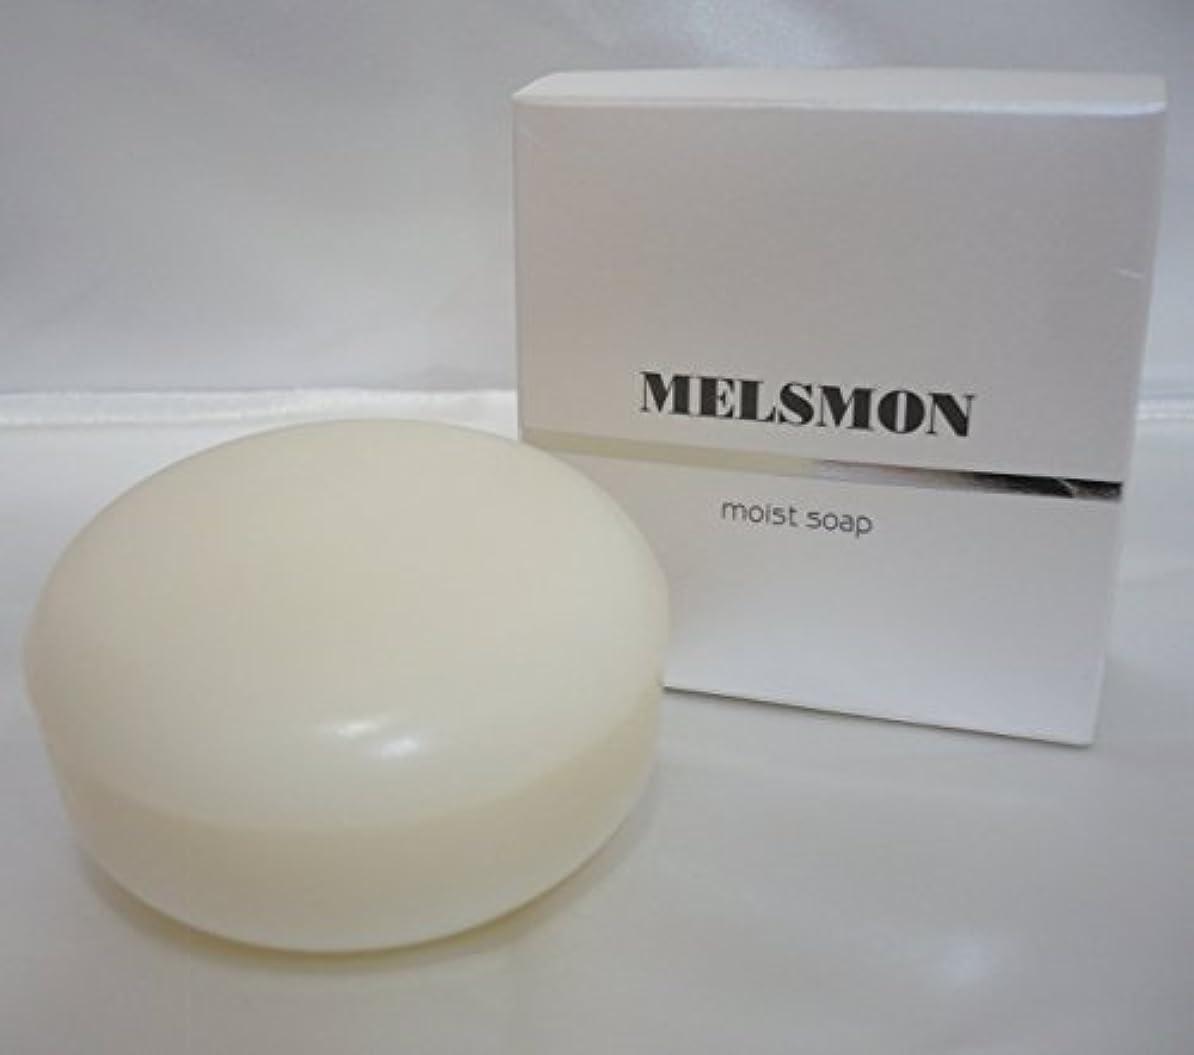 一緒ペストリー醜い【メルスモン製薬】メルスモン モイストソープ 100g